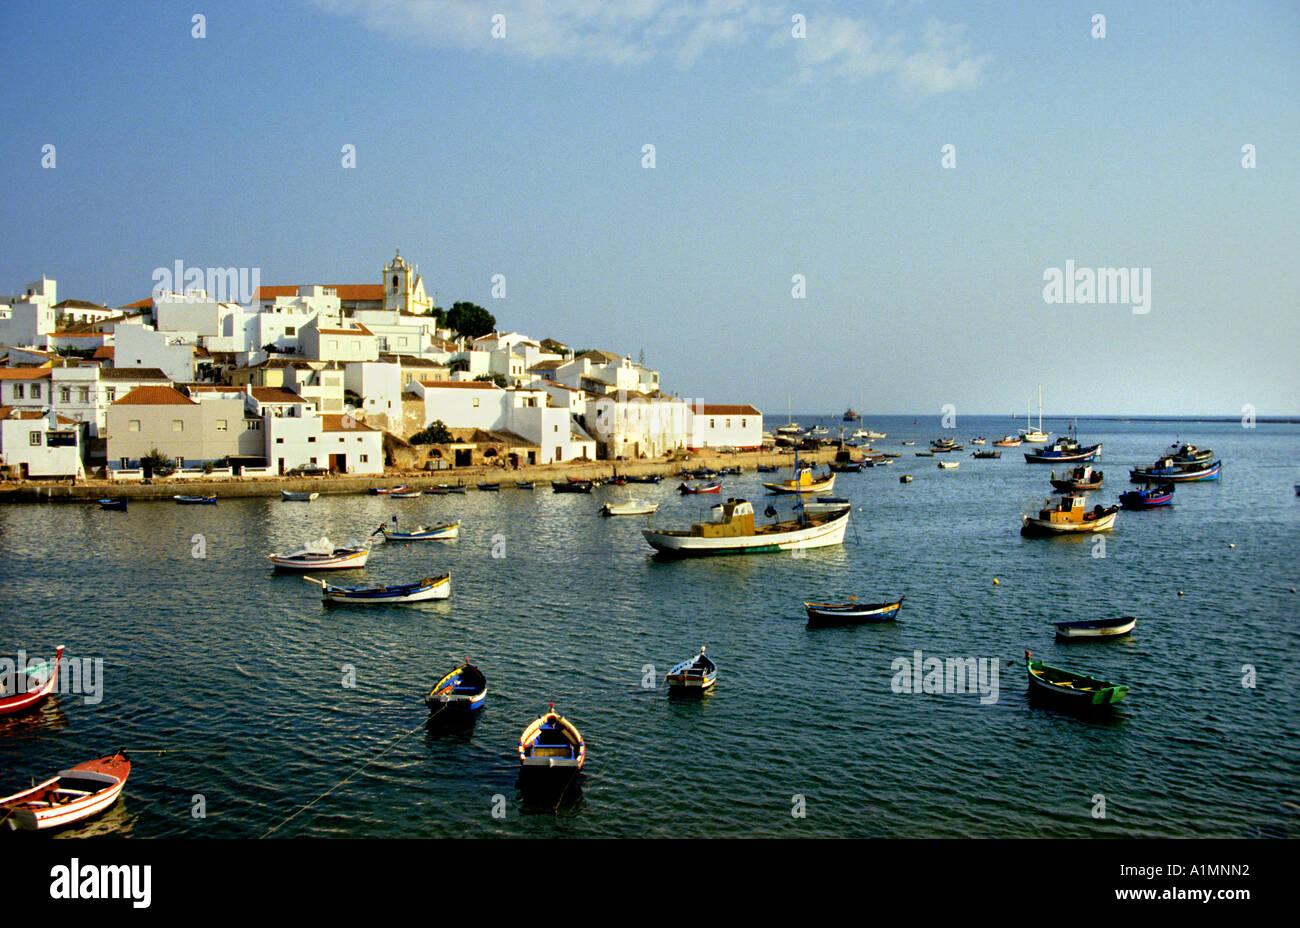 Albufeira Algarve Portugal fishing Port Albufeira - Stock Image